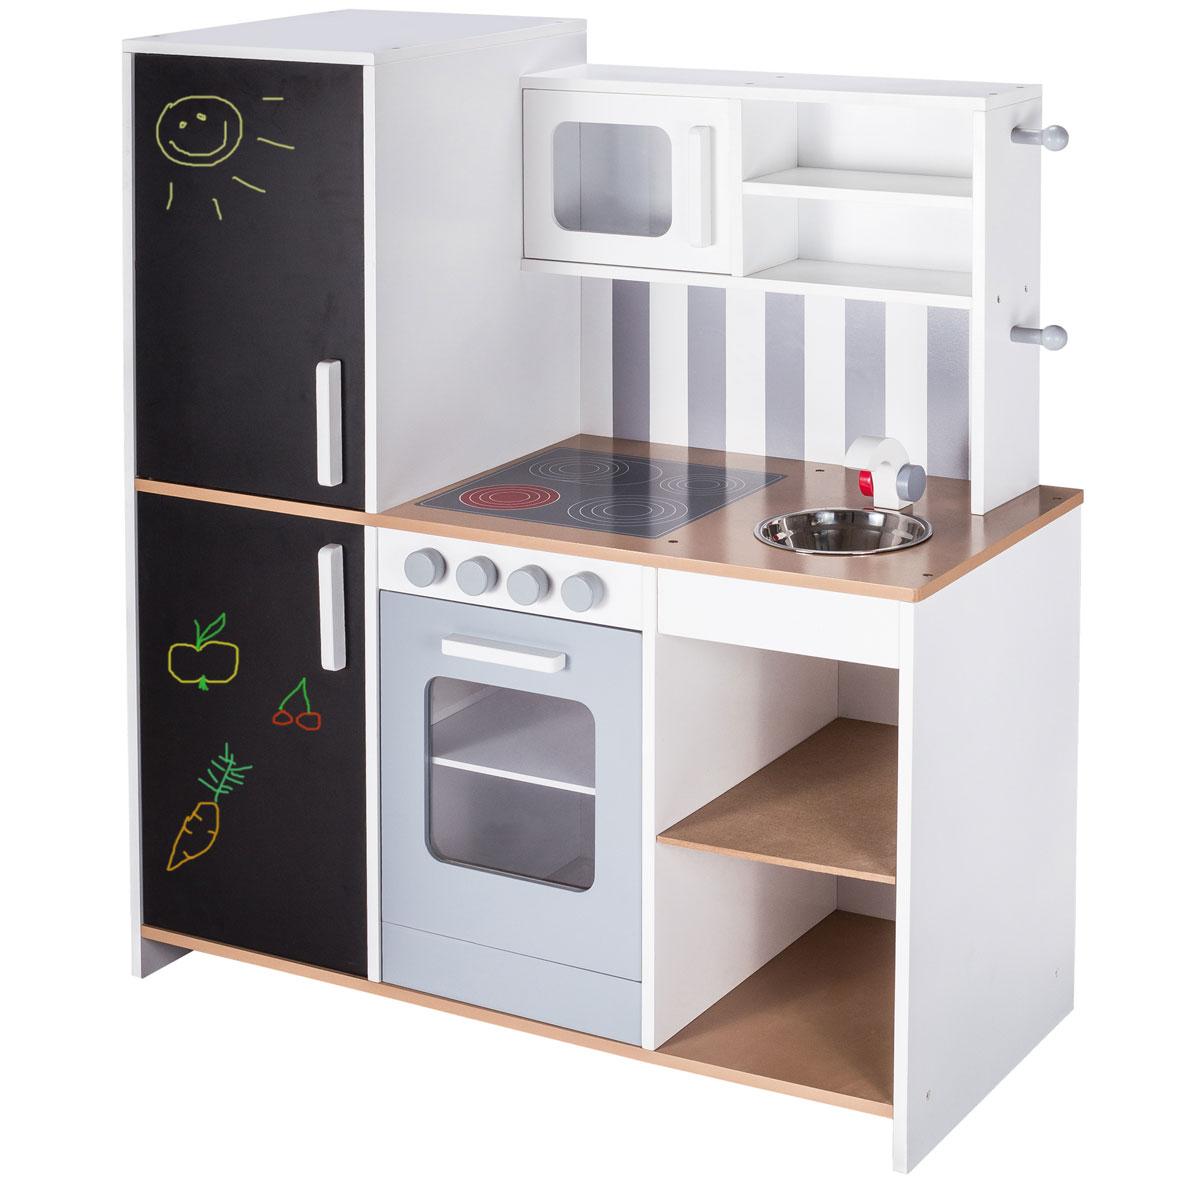 Cucina per bambini in legno london di roba con lavagna - Cucina legno bambini ...